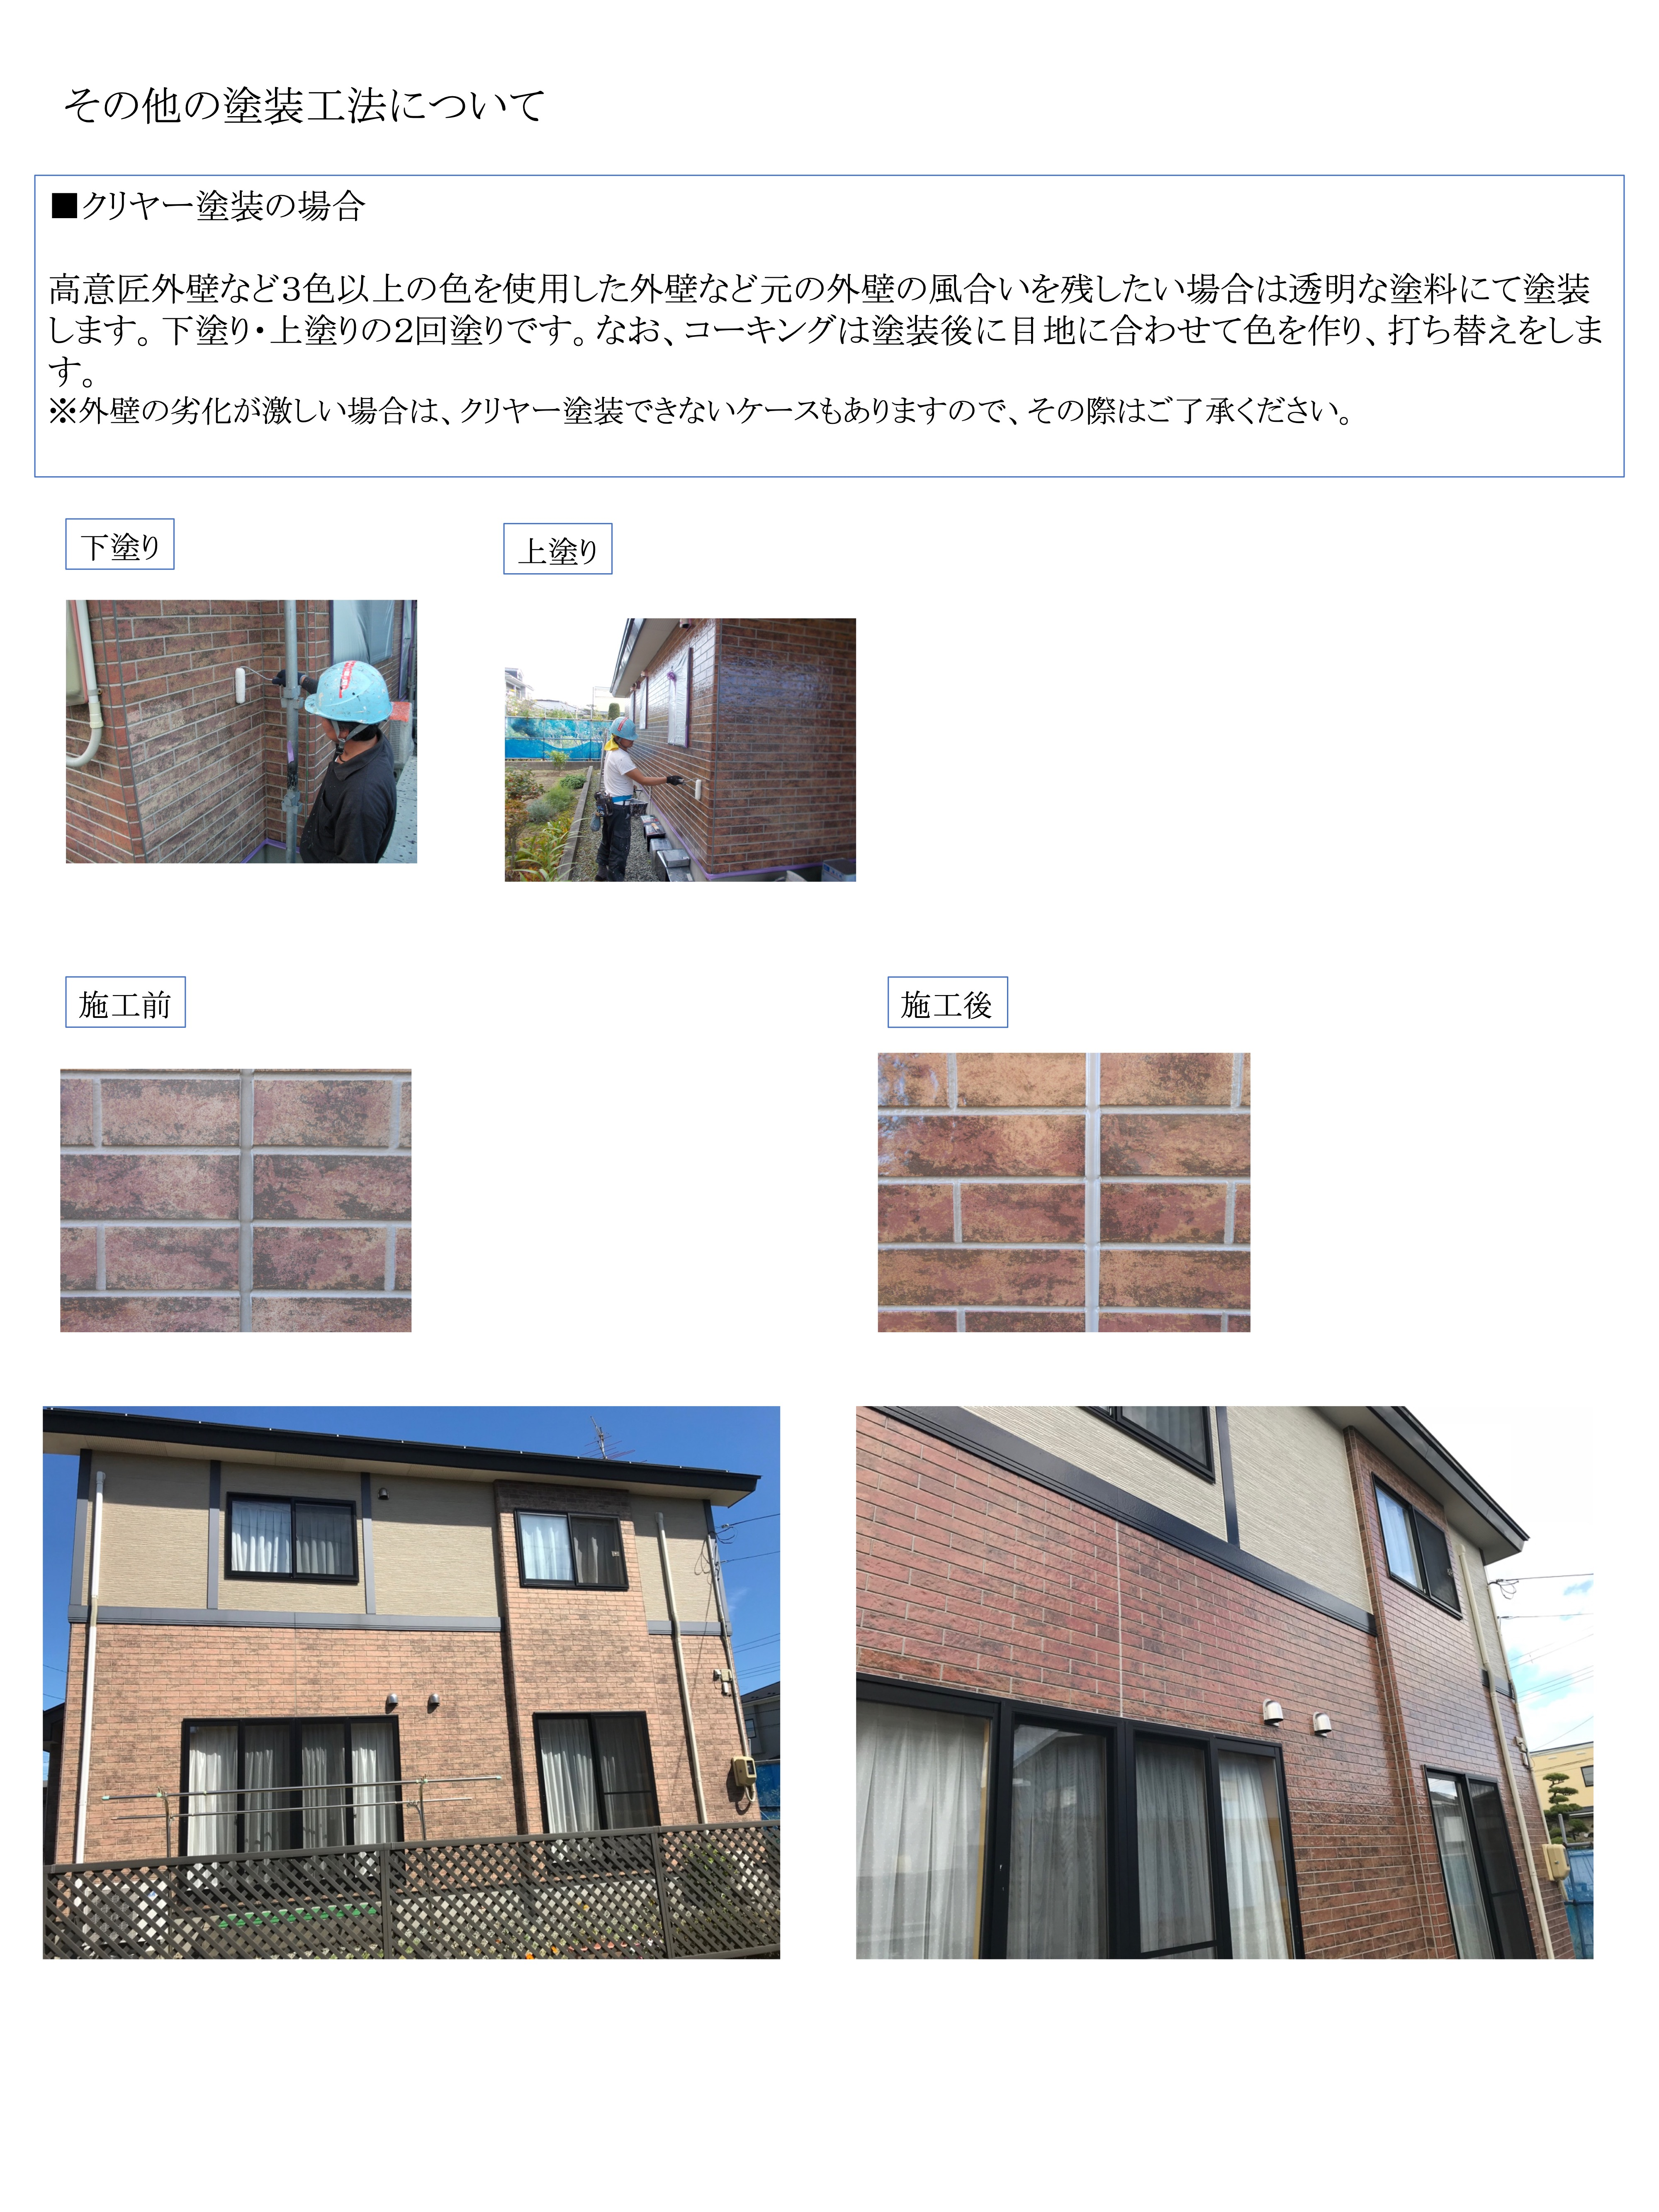 工事内容・流れ ホームページ用 8